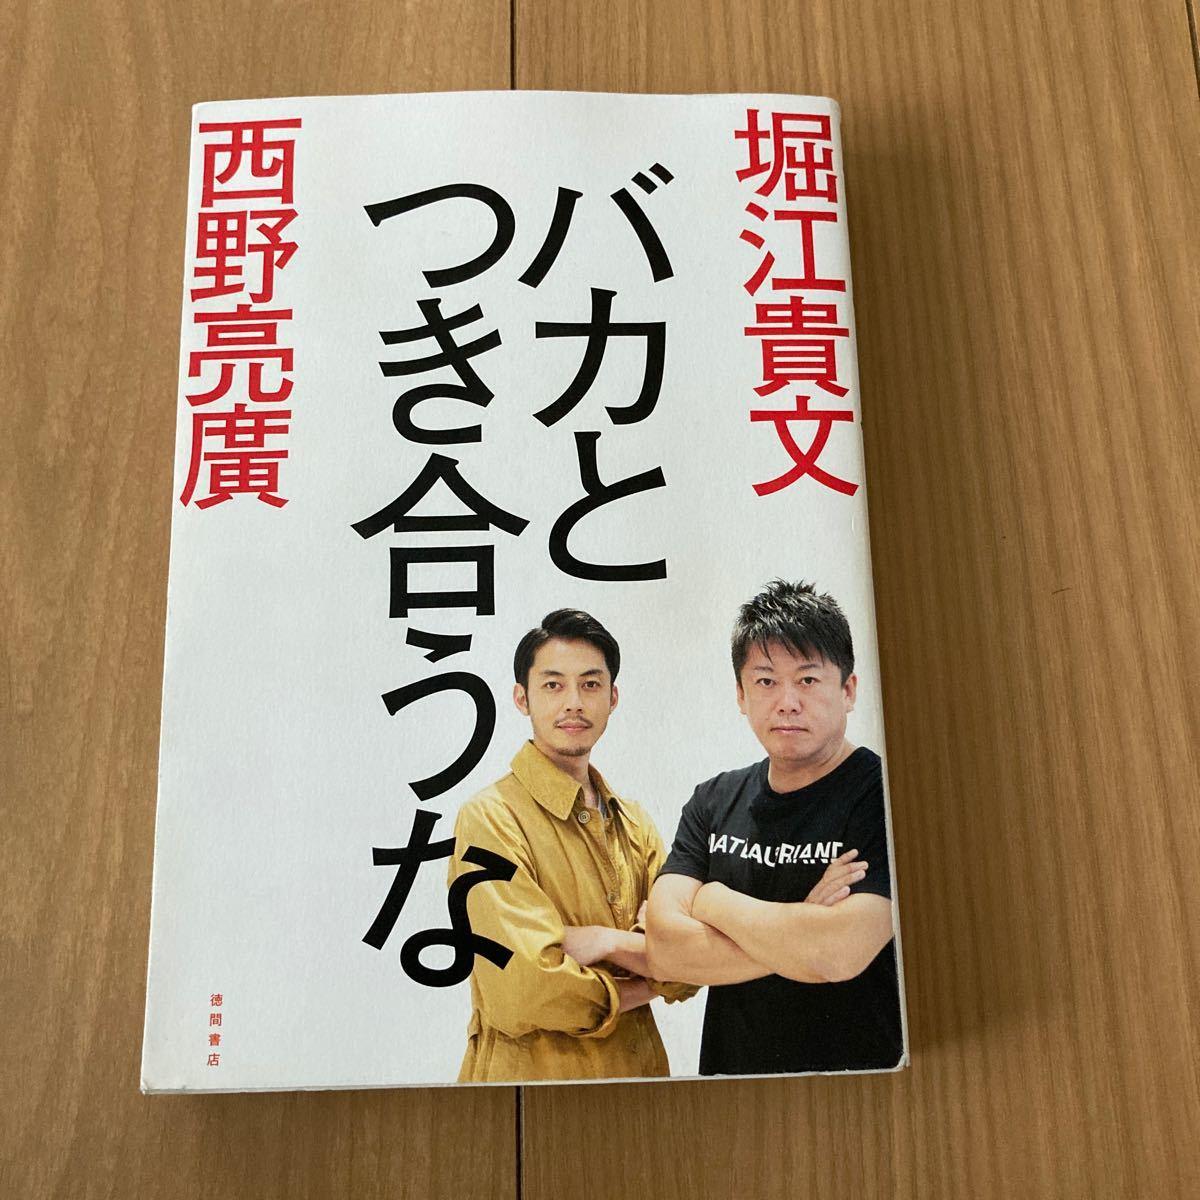 バカと付き合うな 西野亮廣 堀江貴文 ホリエモン バカとつき合うな 本 ビジネス書 自己啓発本